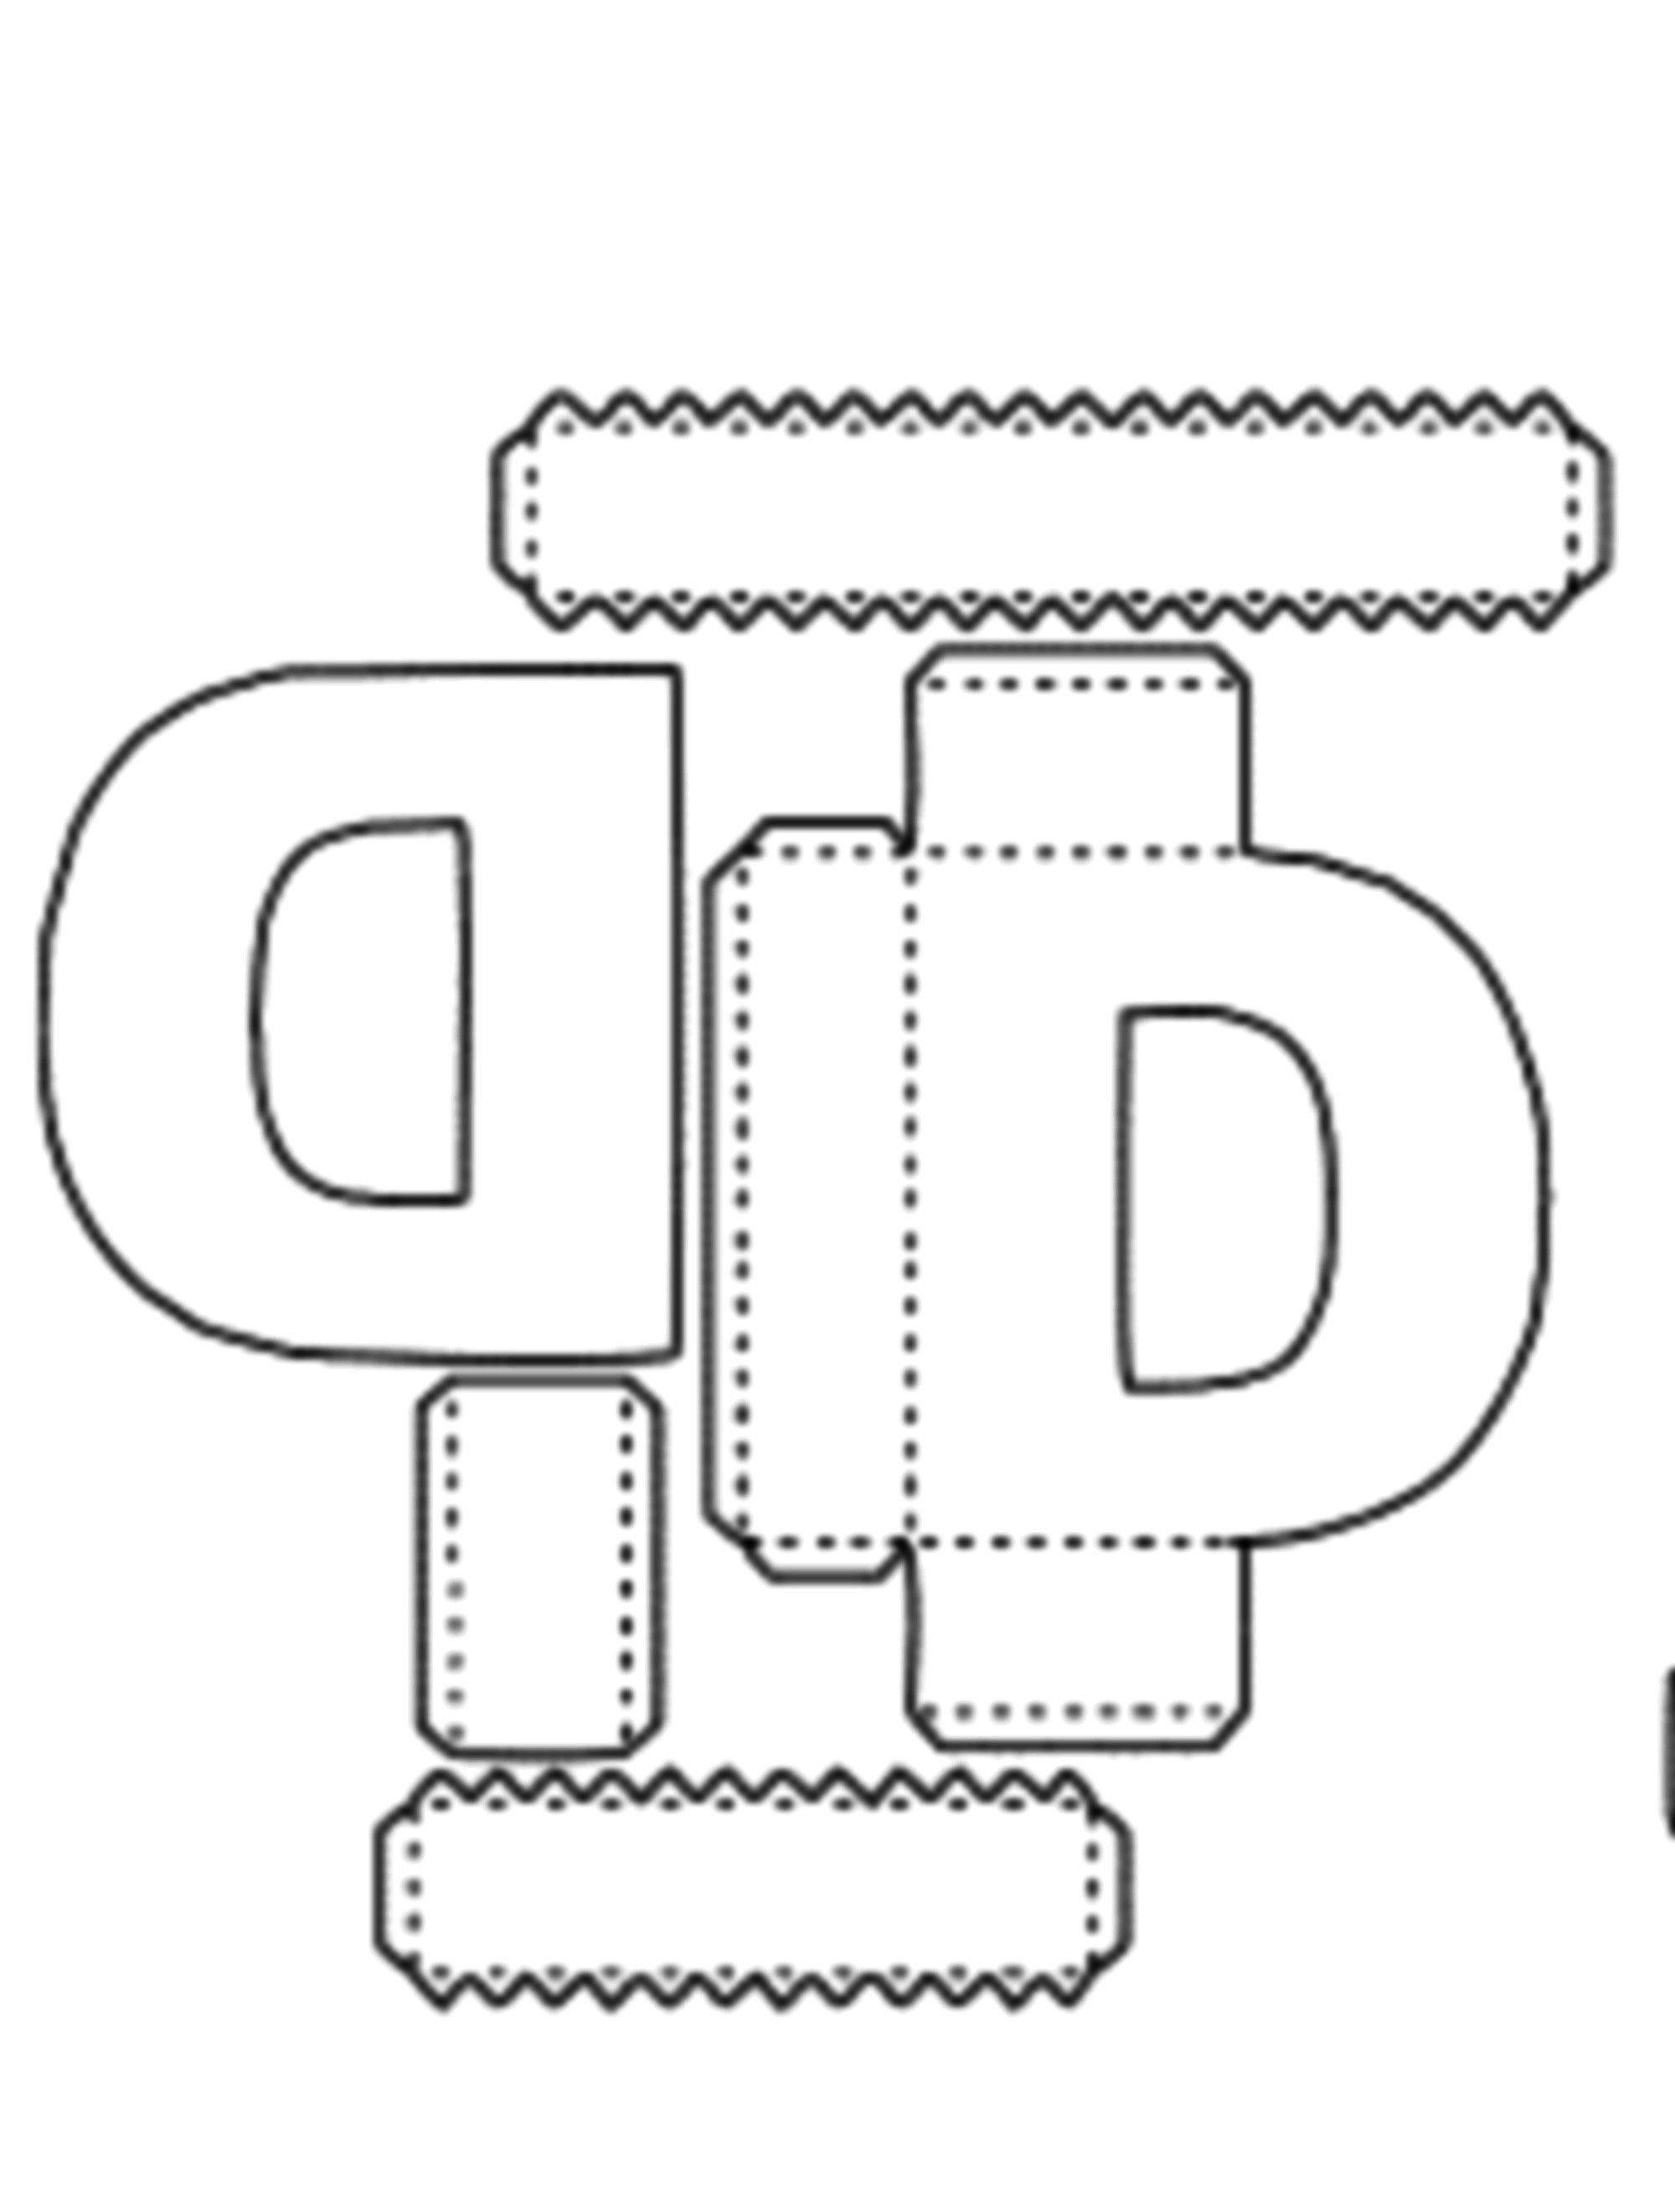 pin von patricia ferreira auf moldes pinterest basteln mit papier buchstaben und silhouetten. Black Bedroom Furniture Sets. Home Design Ideas